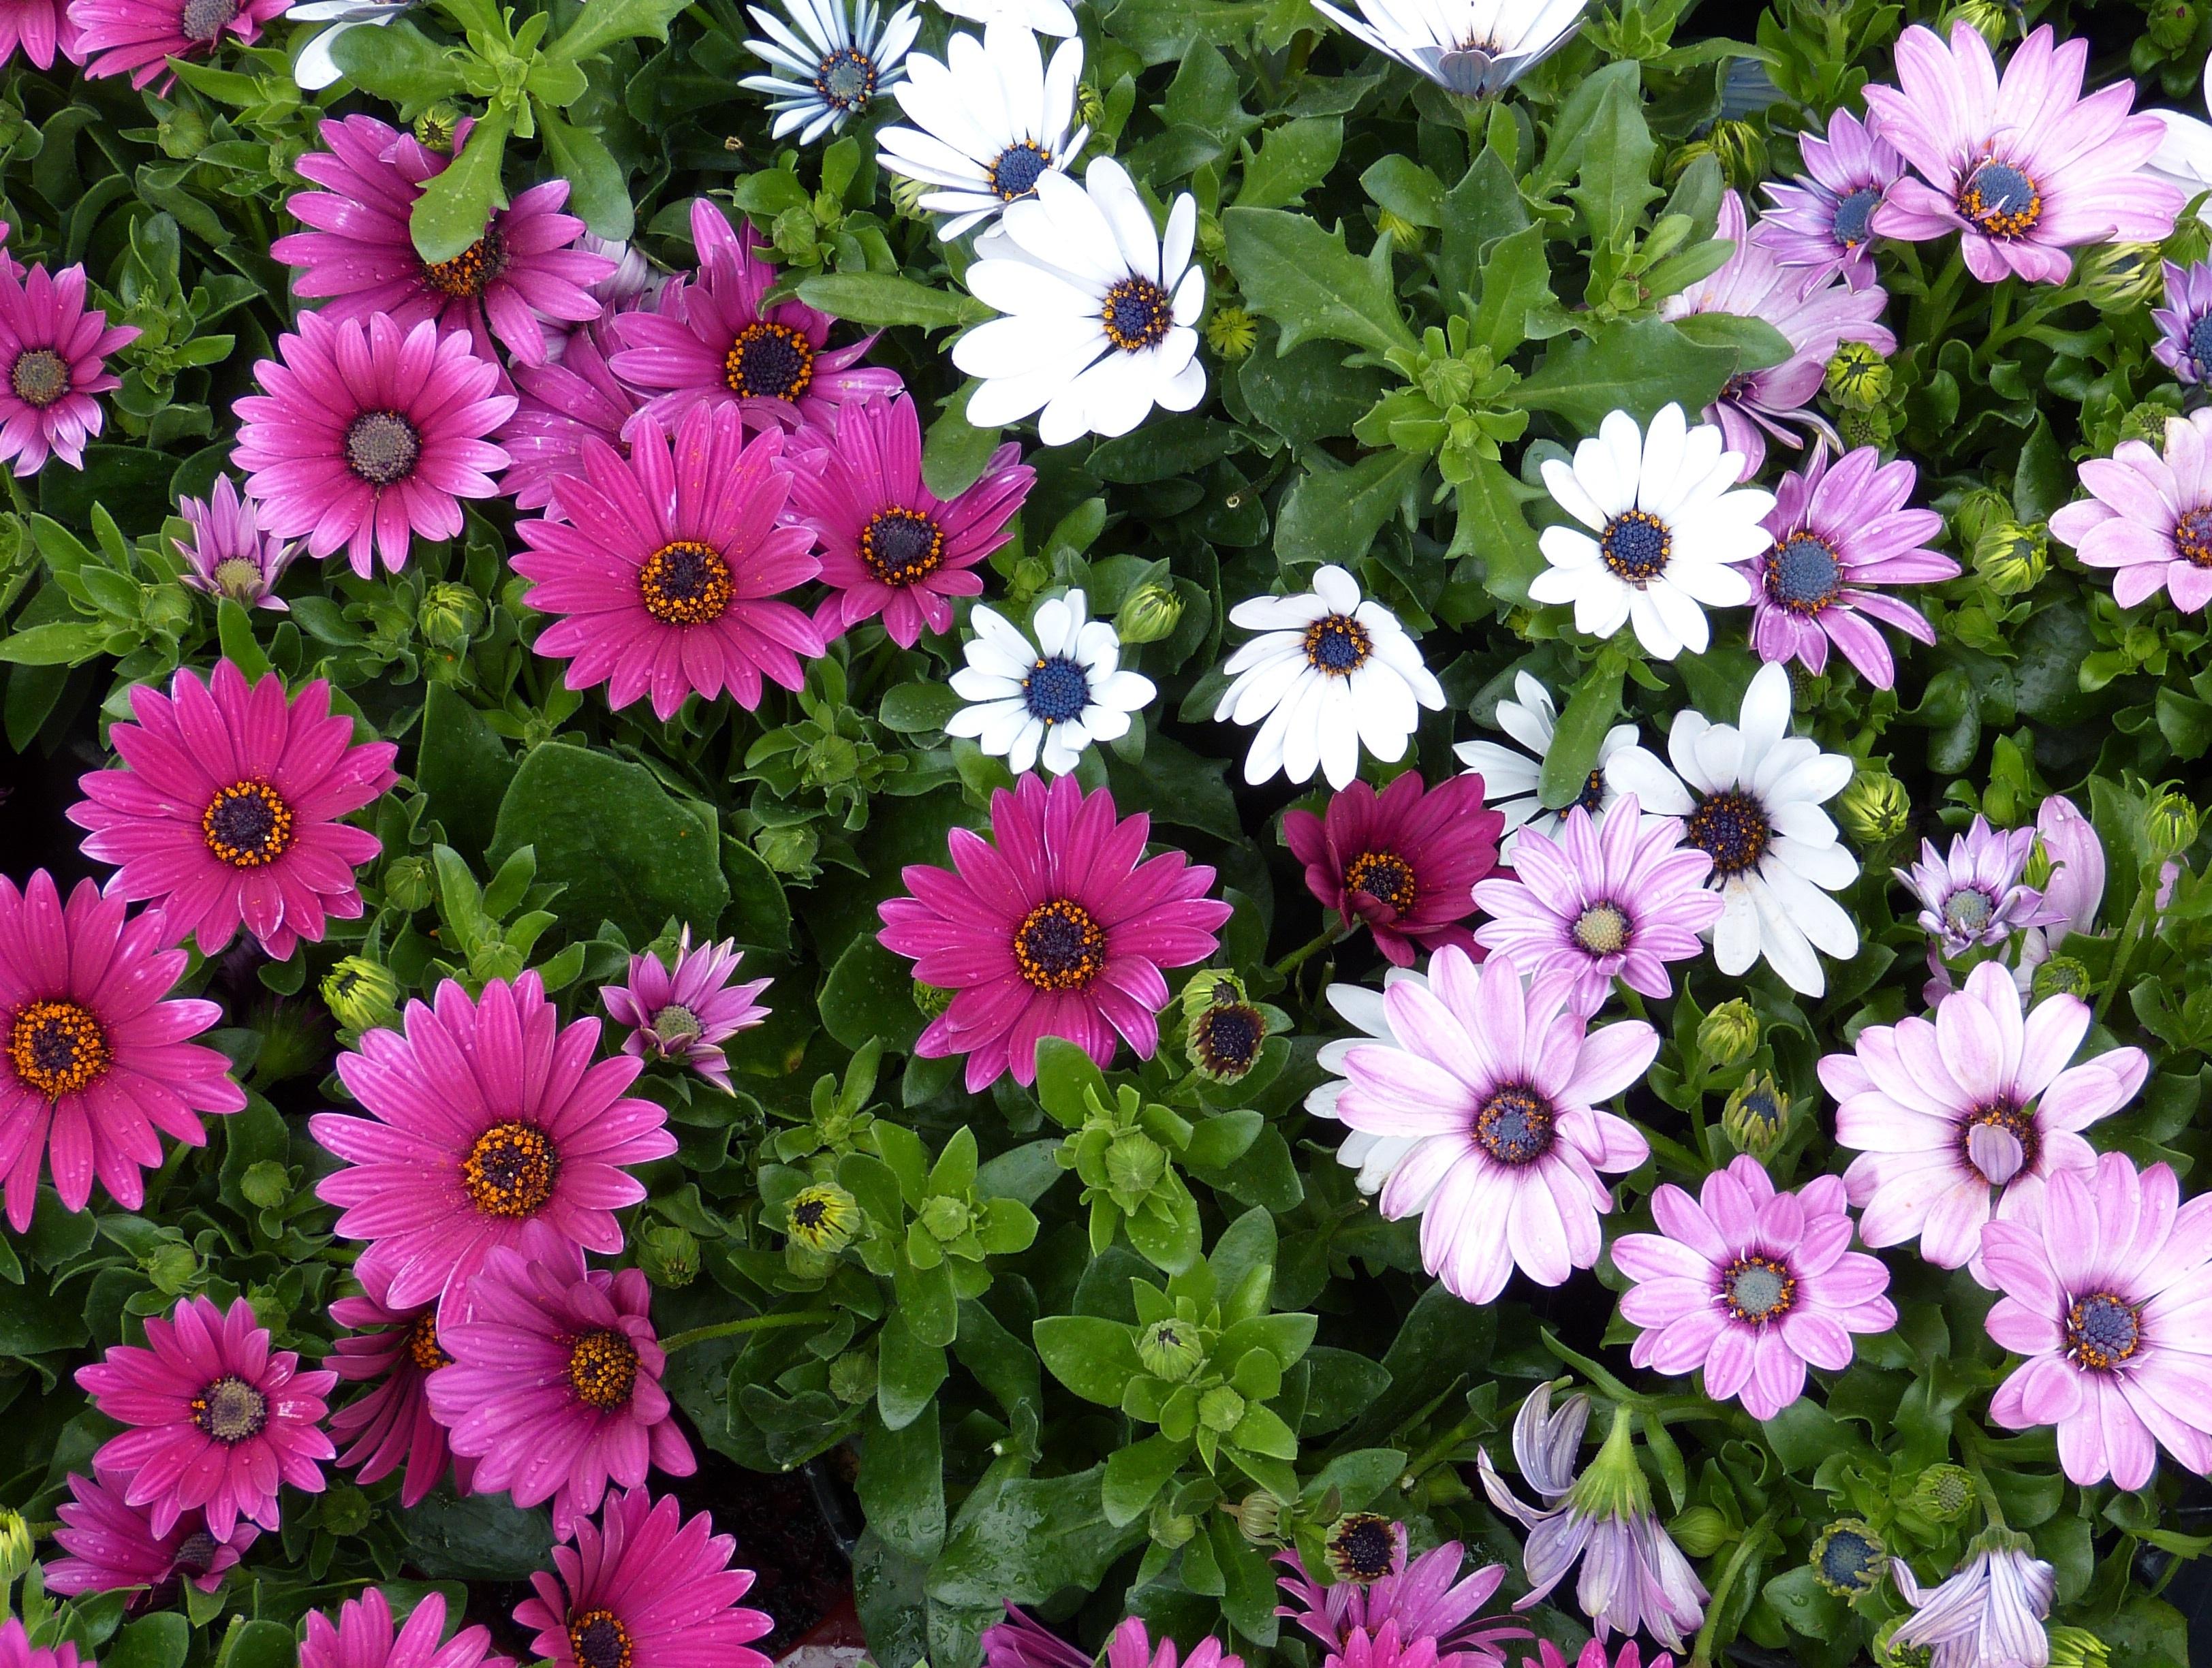 Images Gratuites : fleur, violet, jardinage, aster, souci, plante à fleurs, Famille de ...